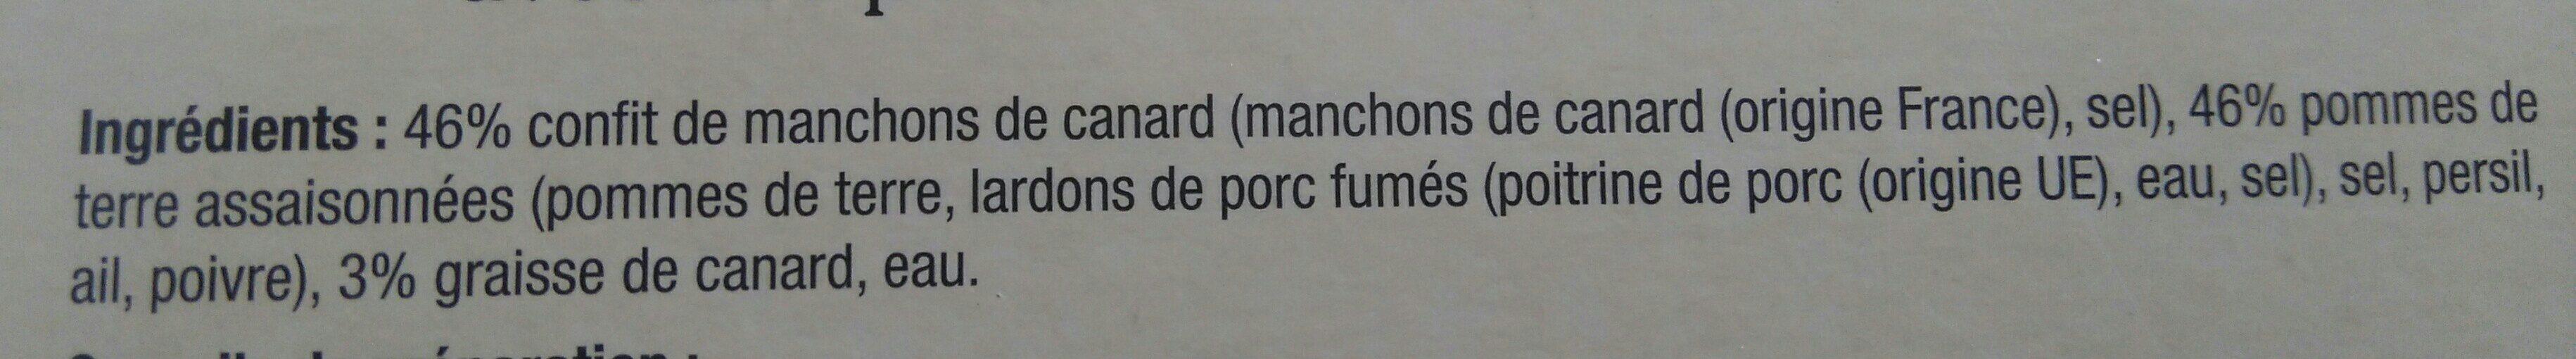 Confit de canard et pommes de terre à la Sarladaise - Ingrédients - fr